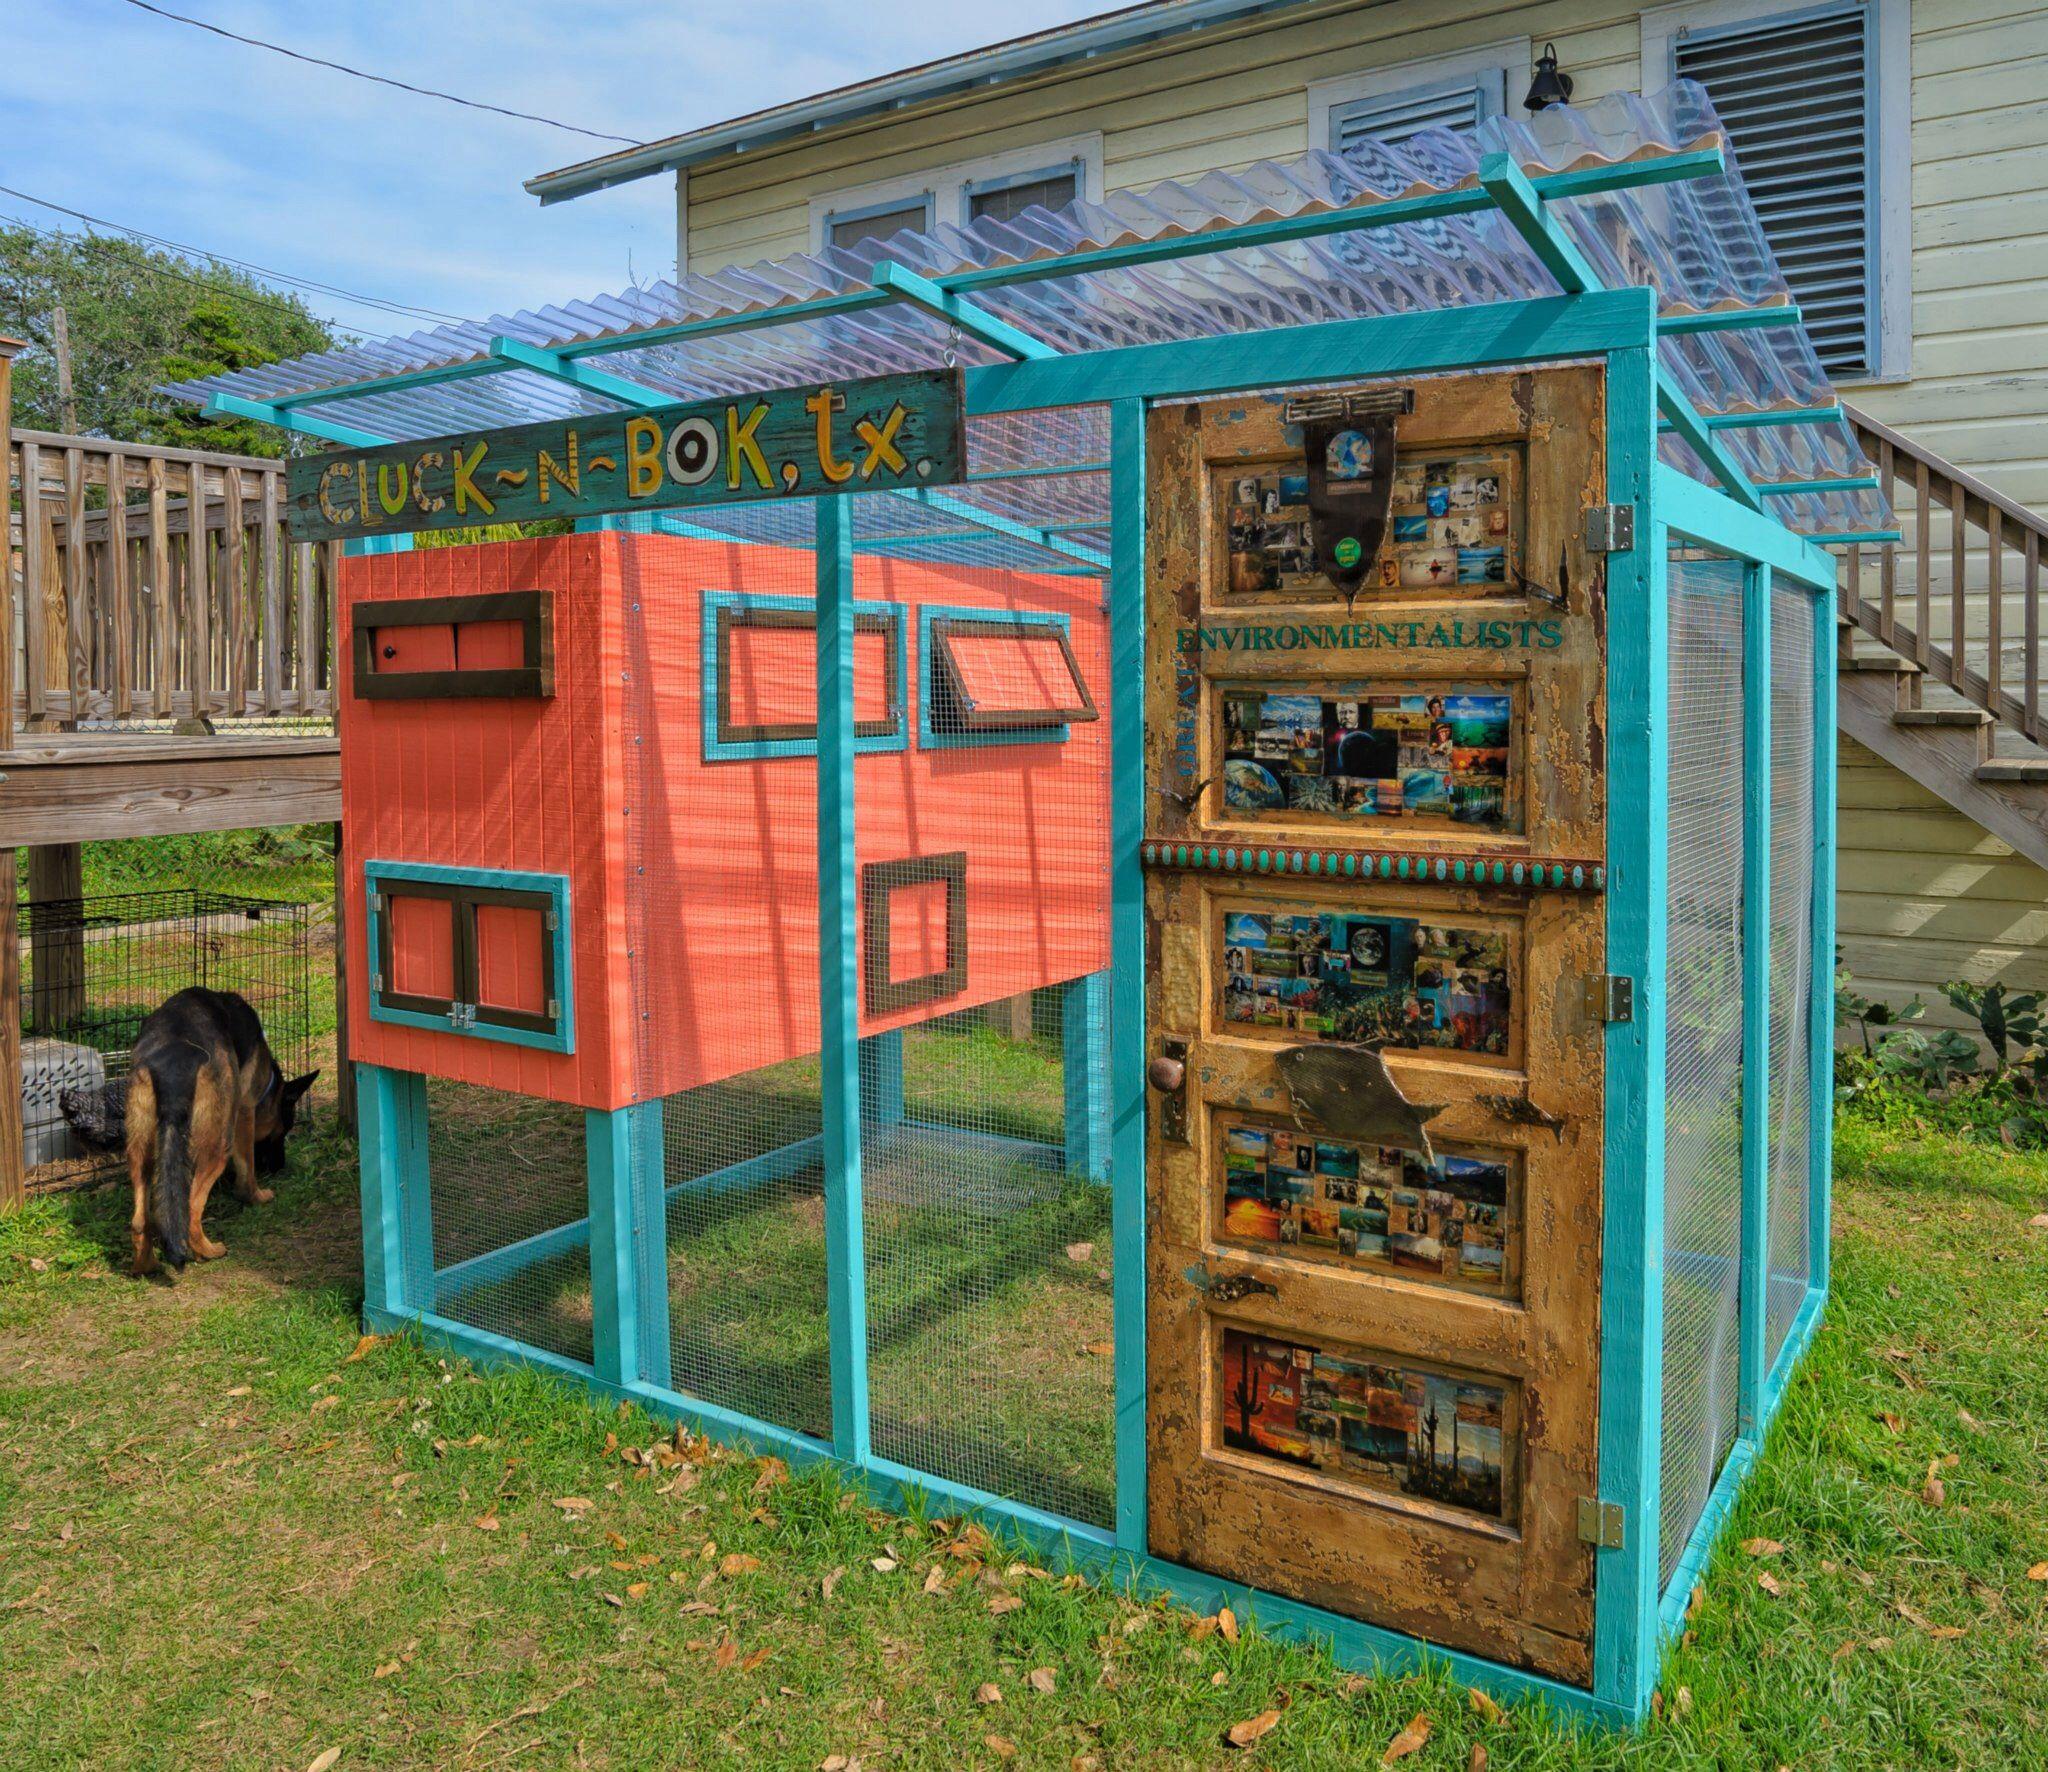 Miami Modern Chicken Coop Chicken coop, Chicken shack, Coop